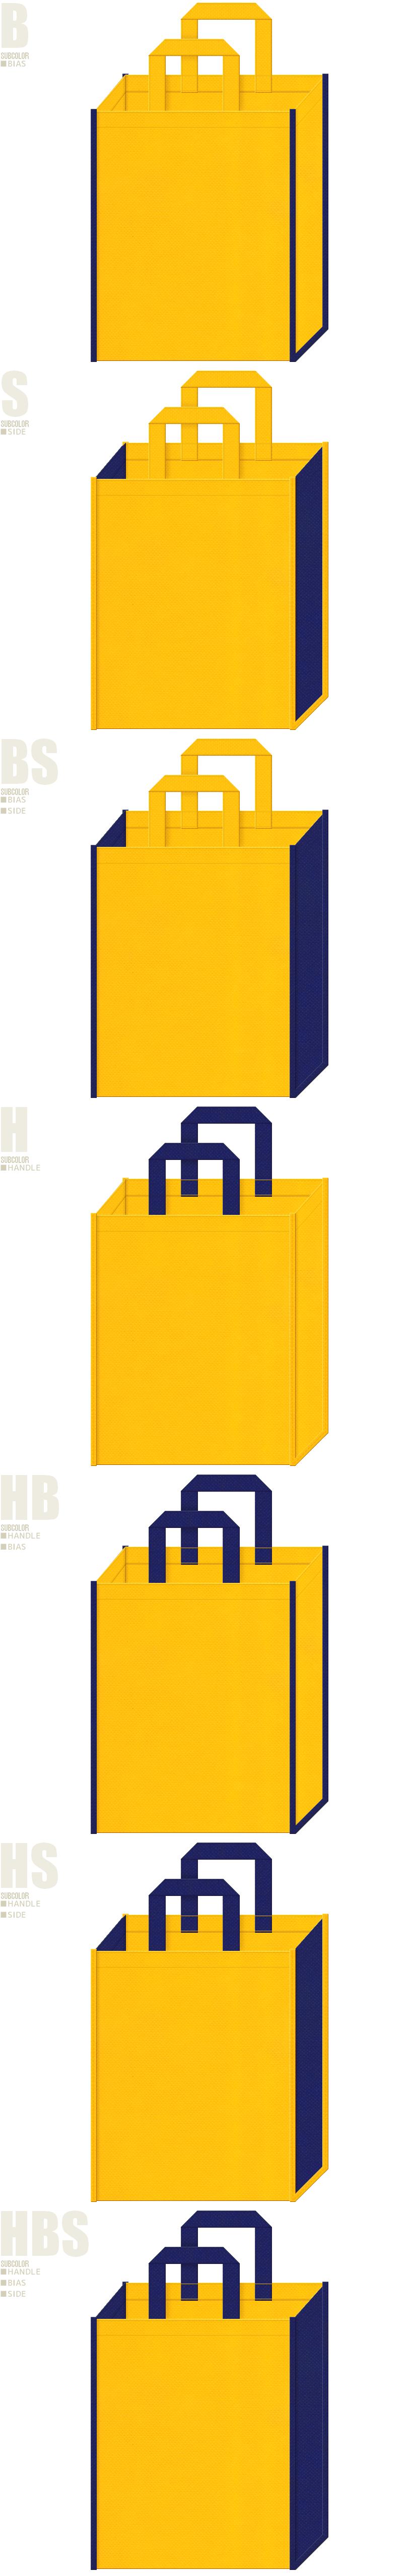 電気・通信・ロボット・テーマパーク・キャンプ・アウトドア・おもちゃ・ブラジル・サッカー・ゲーム・学習塾・レッスンバッグ・通園バッグ・キッズイベントにお奨めの不織布バッグデザイン:黄色と明るい紺色の不織布バッグ配色7パターン